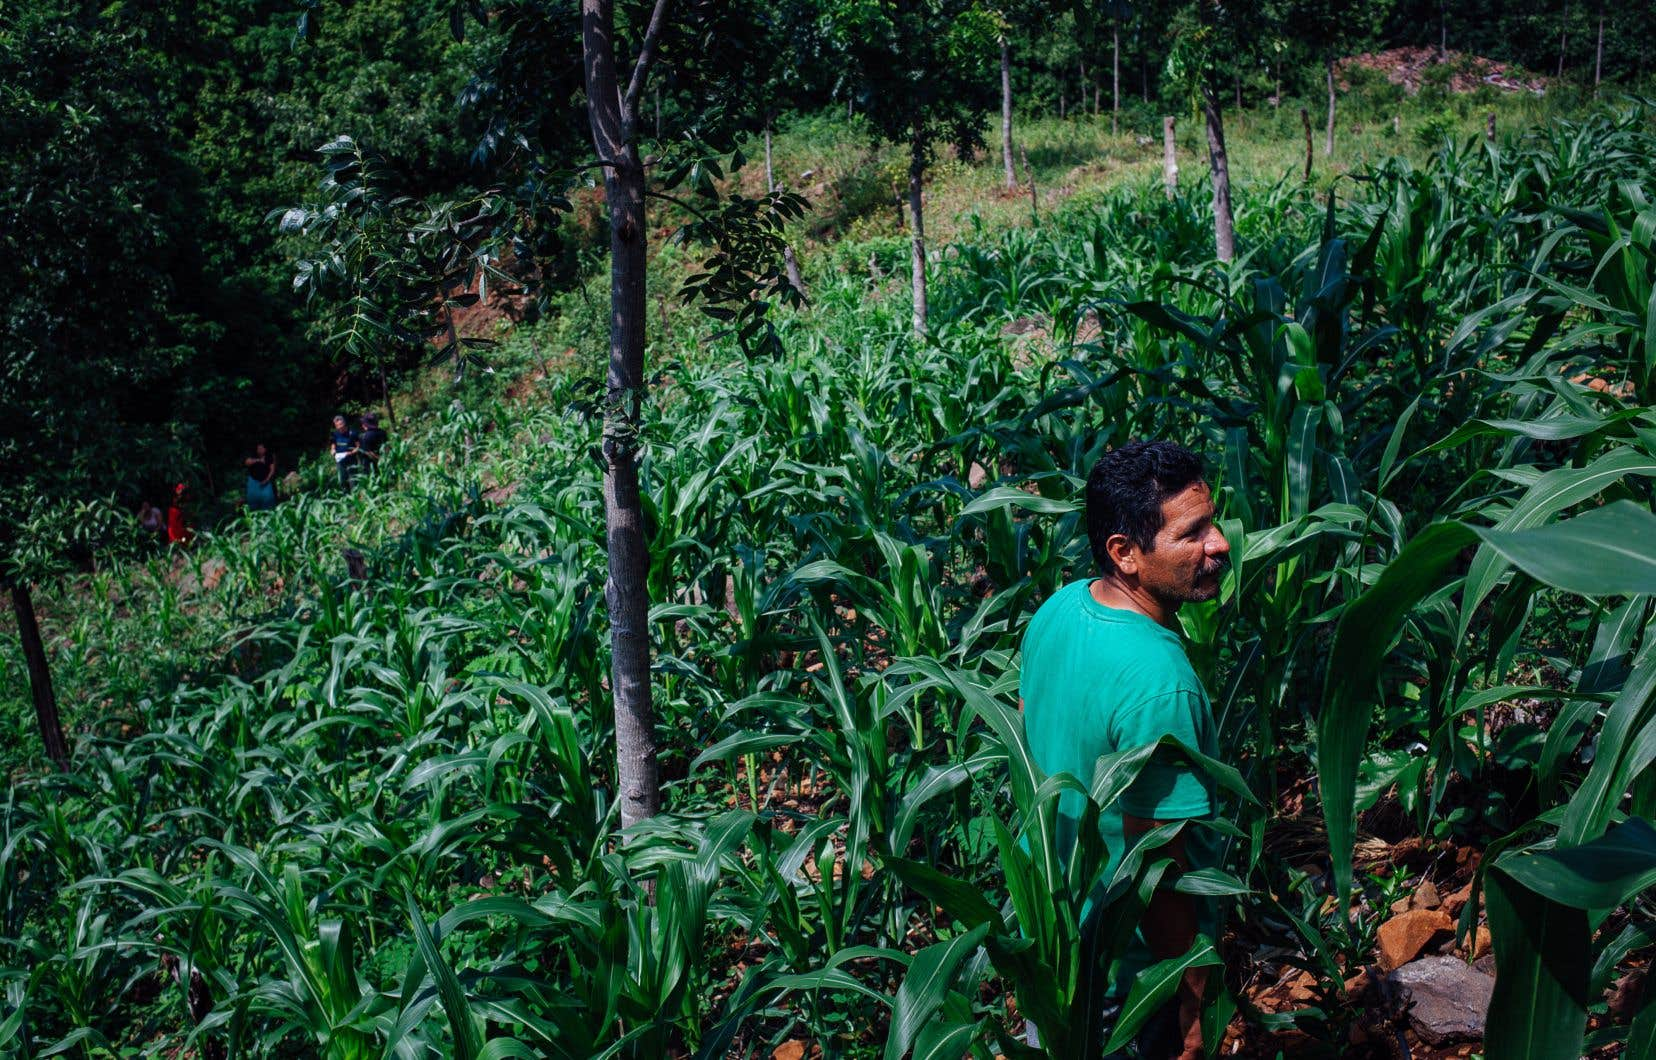 Dans le «corredor seco», les petits agriculteurs perdent régulièrement, en raison de la sécheresse, leurs récoltes dans une proportion facilement supérieure à 50%.